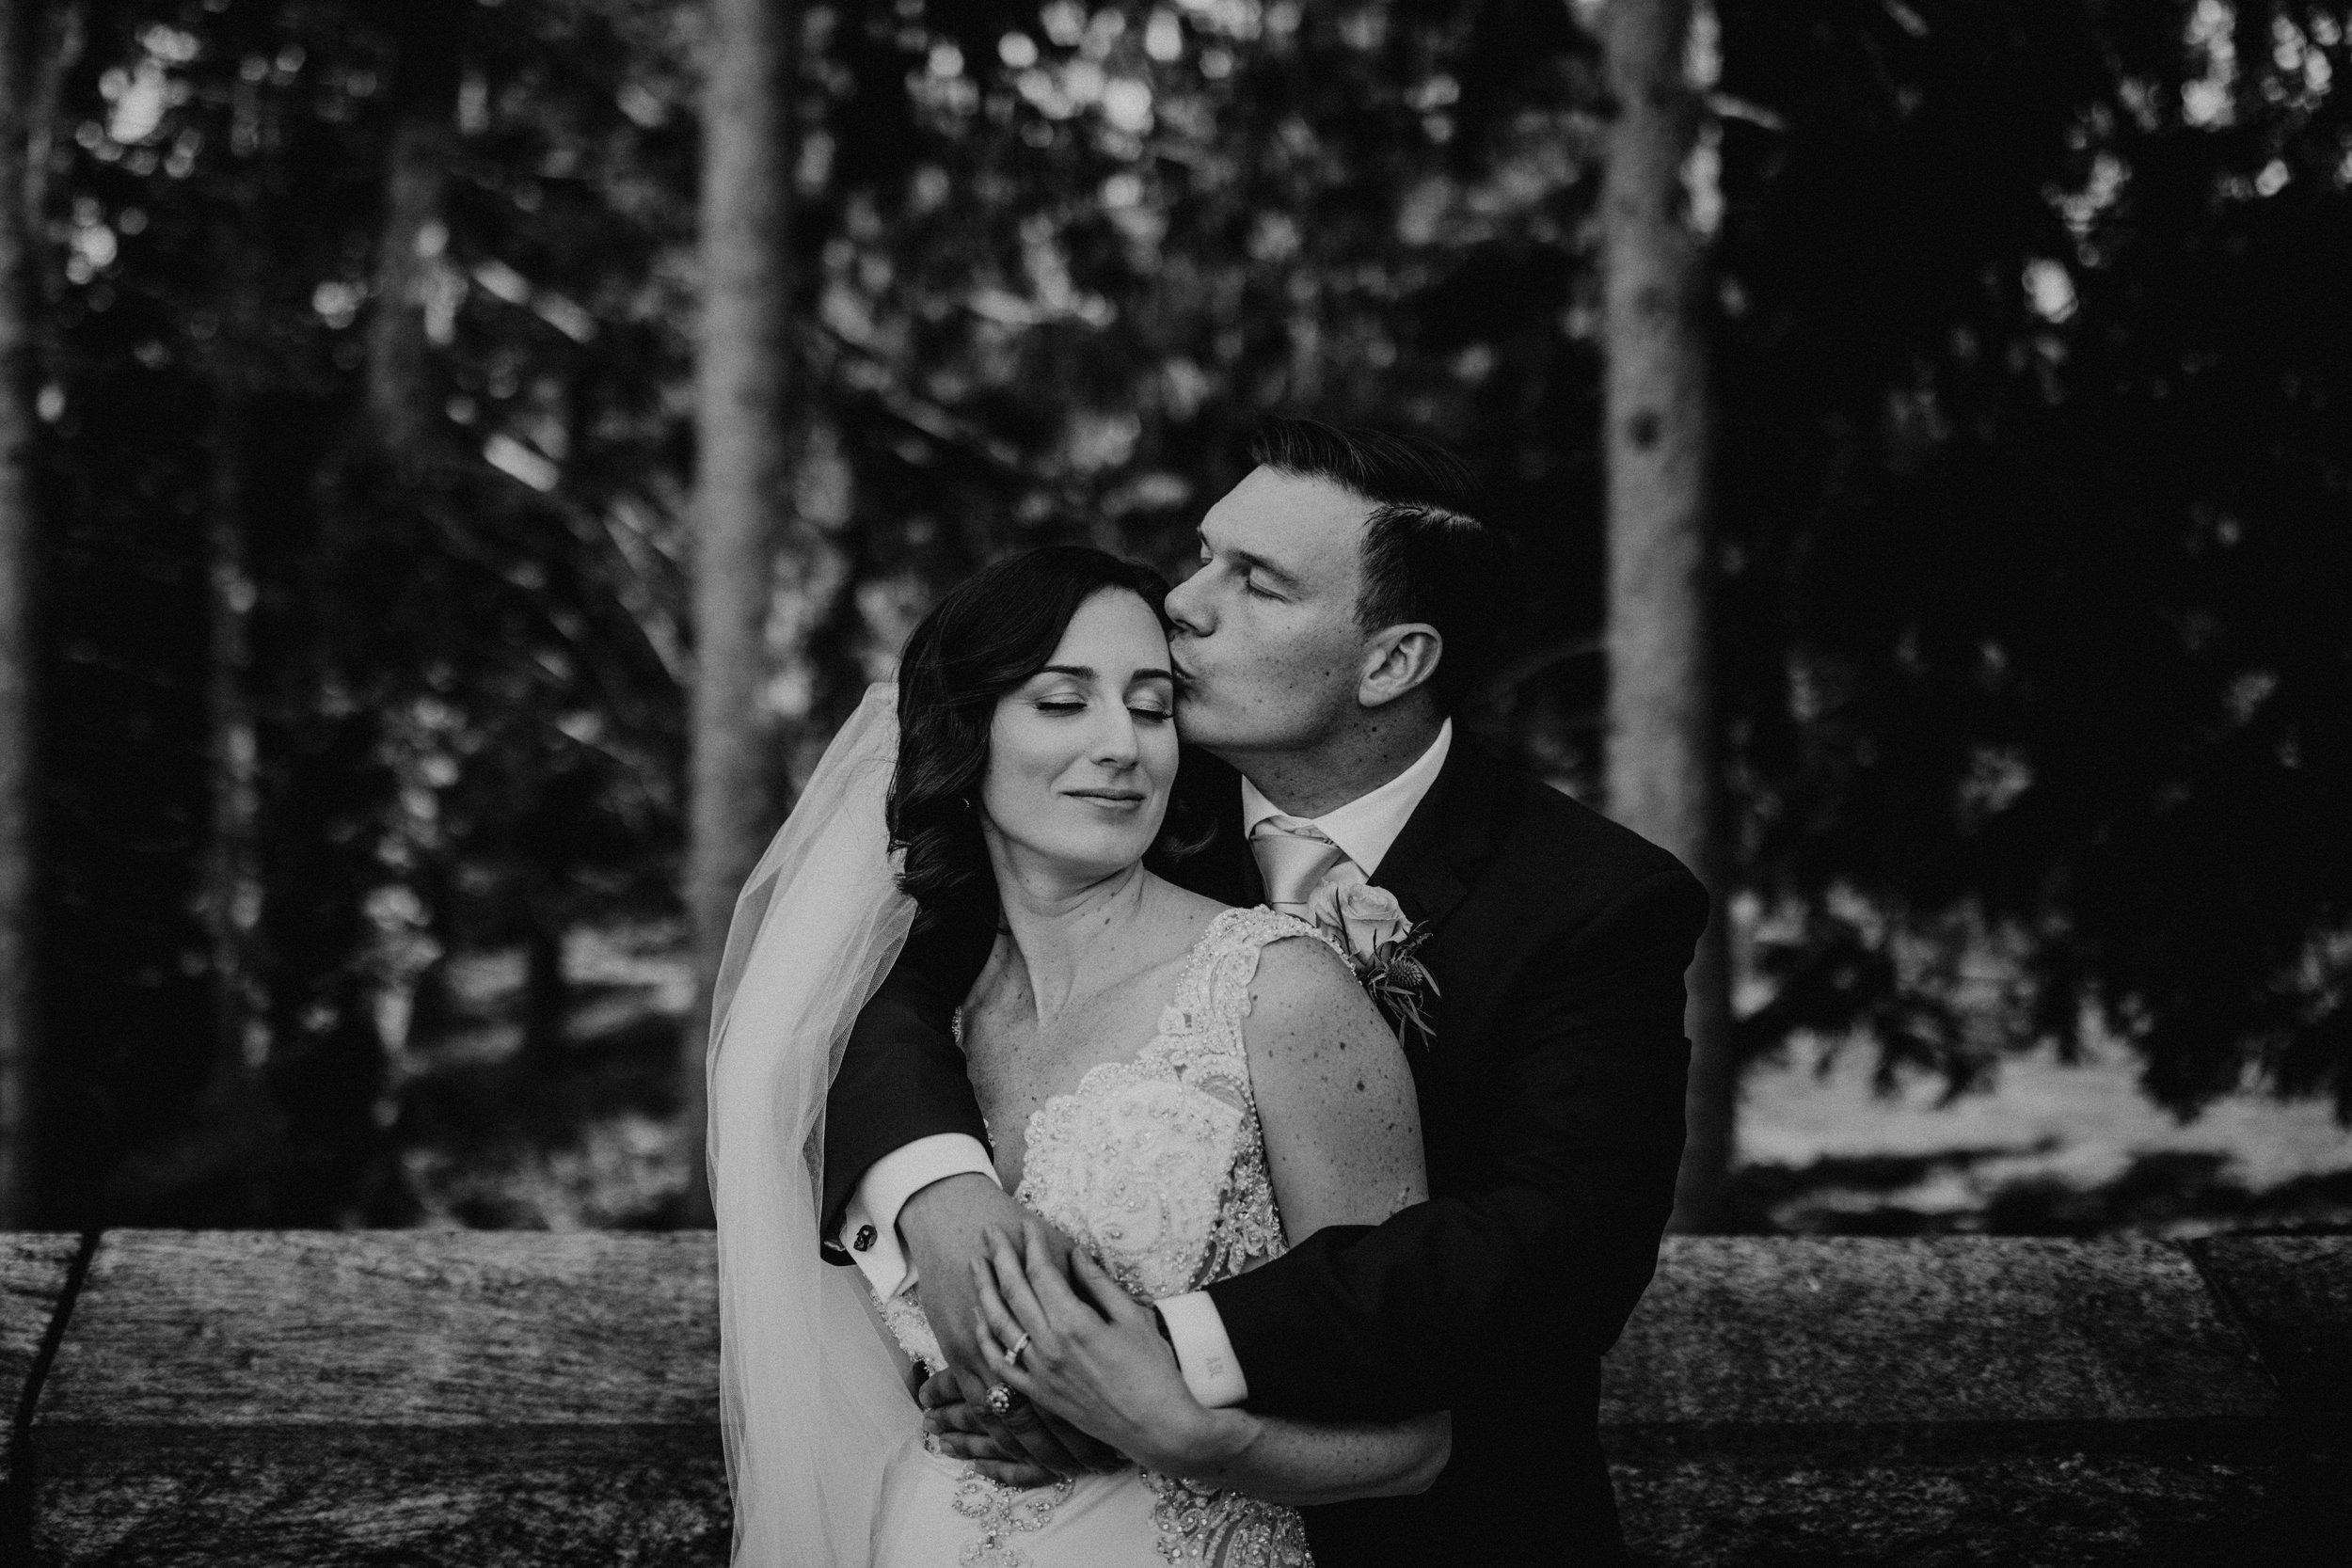 LaurenandAlex-weddingpreviews(13of35).jpg